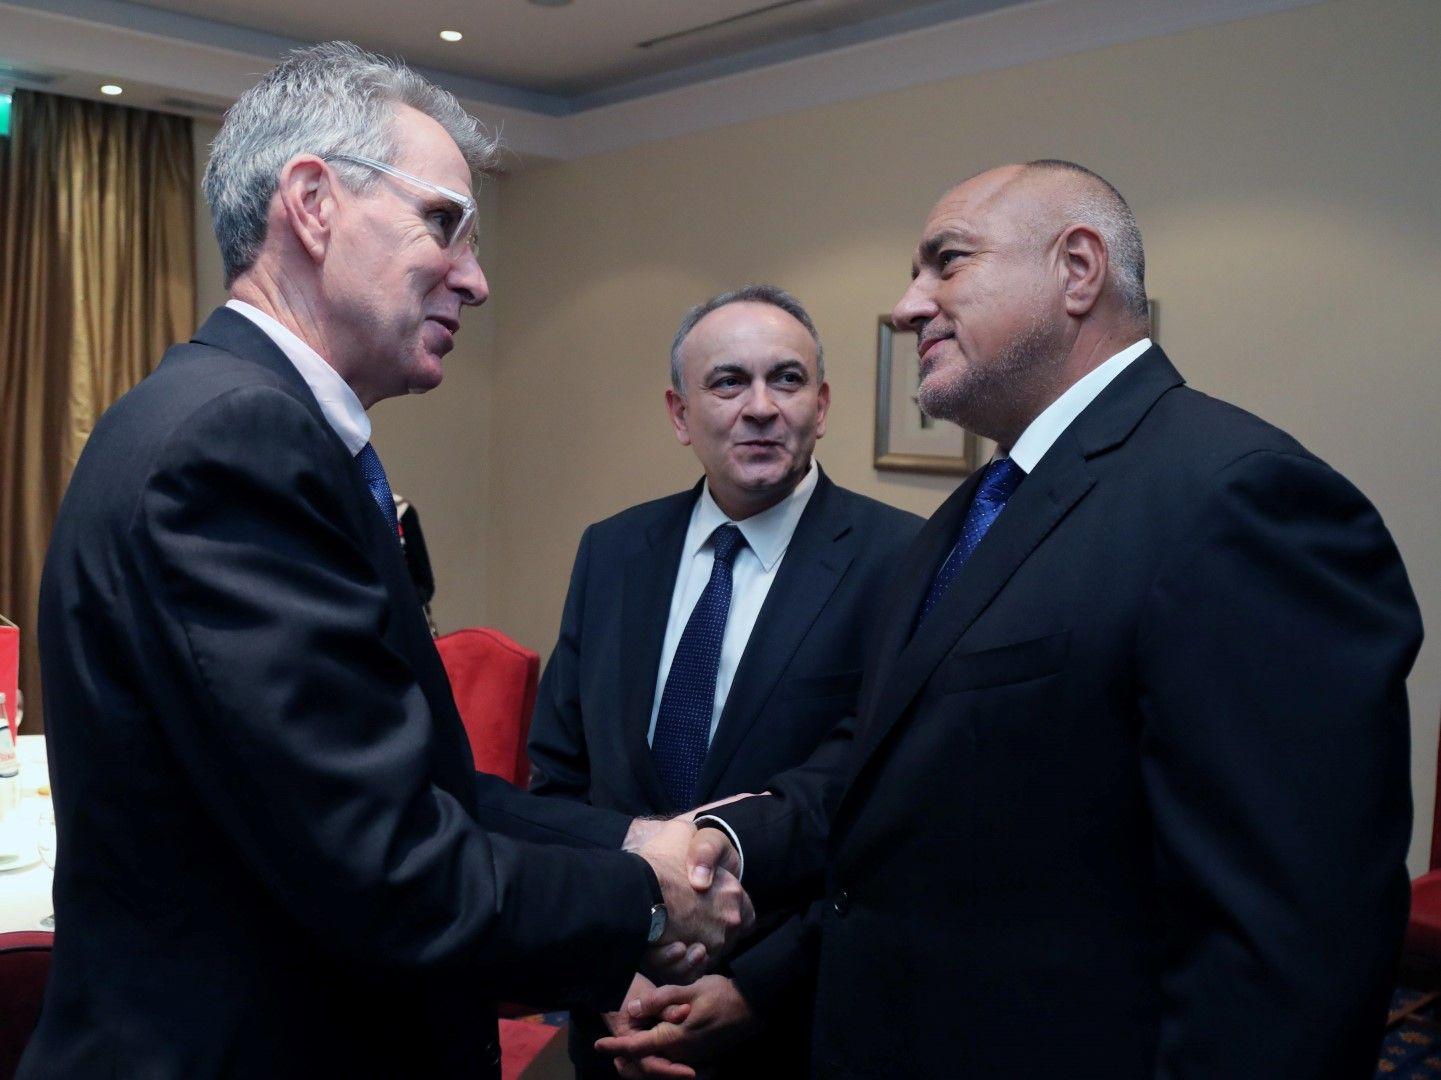 Министър-председателят Бойко Борисов (дясно) се срещна с посланика на Съединените американски щати в Гърция Джефри Пайът